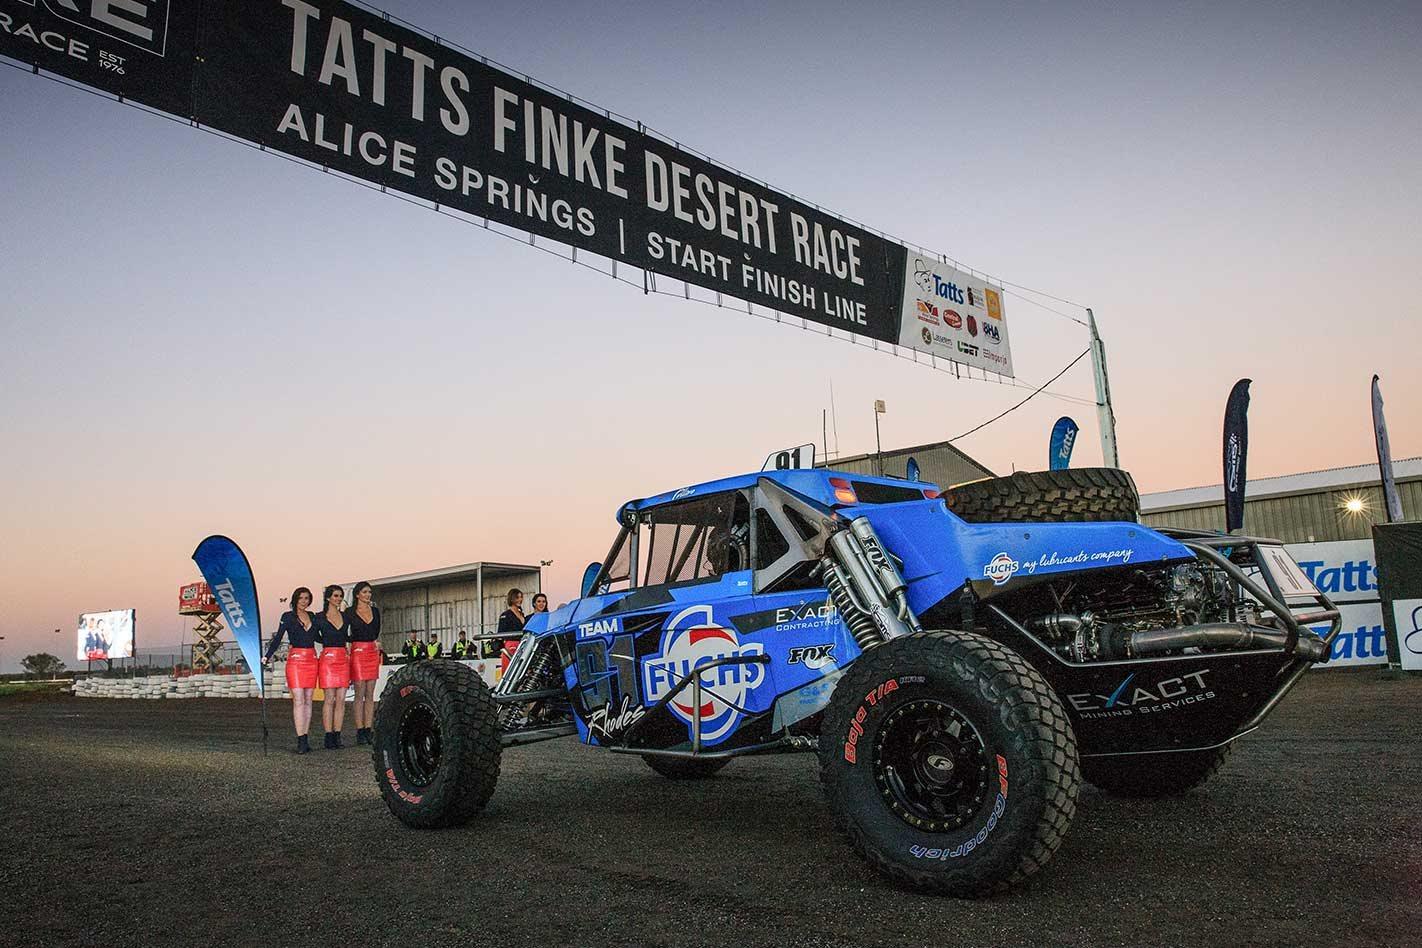 2019 Finke Desert Race To Be Bigger Than Ever